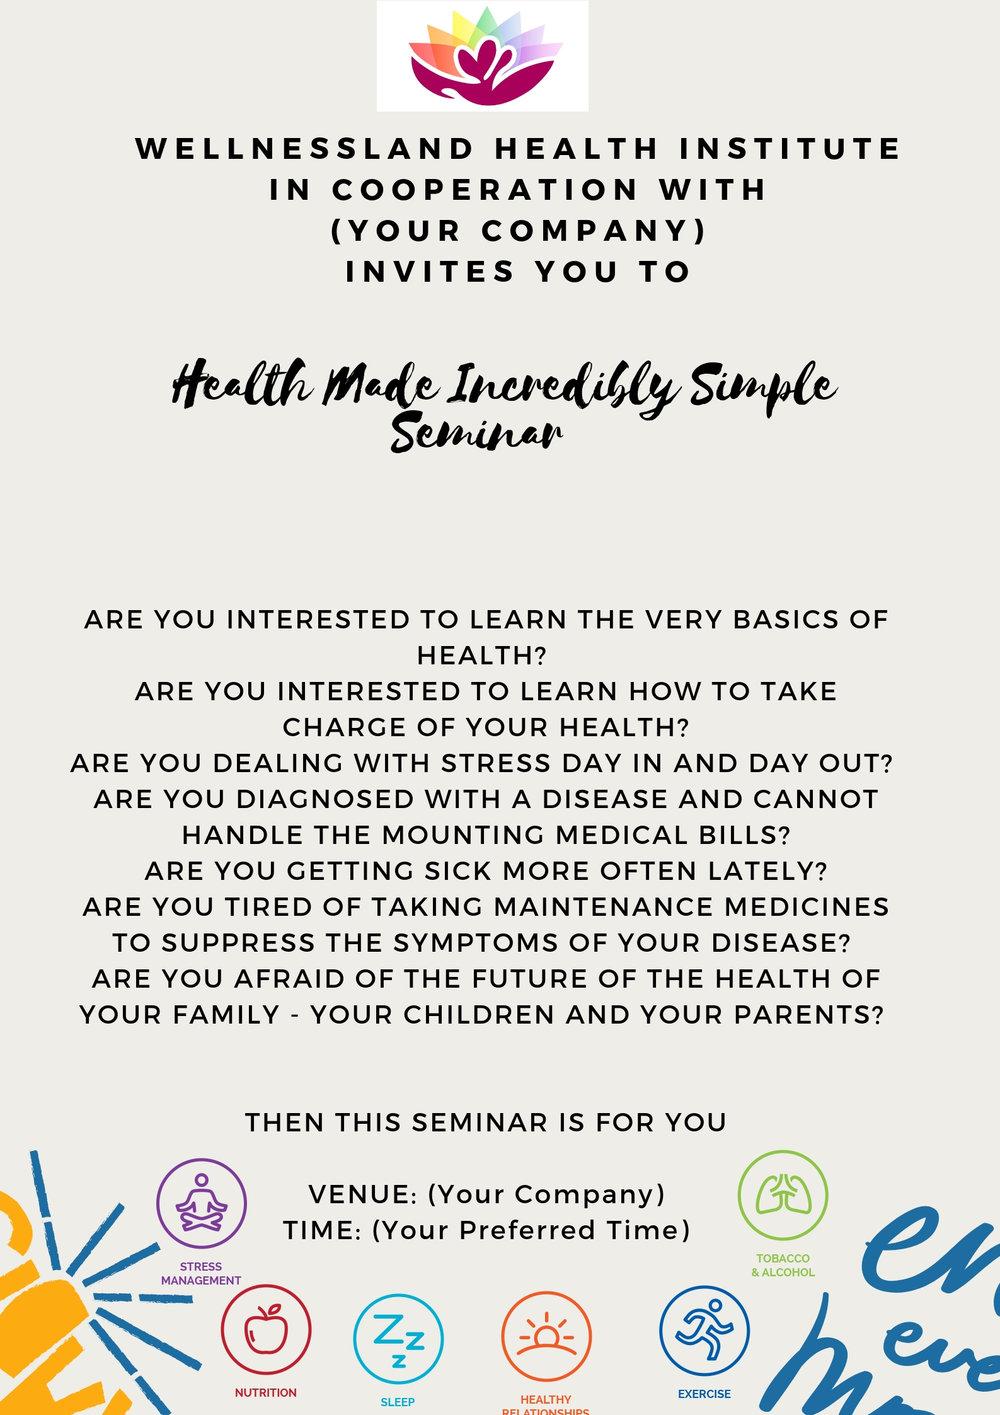 HMIS Poster for WHI Corporate Seminars.jpg